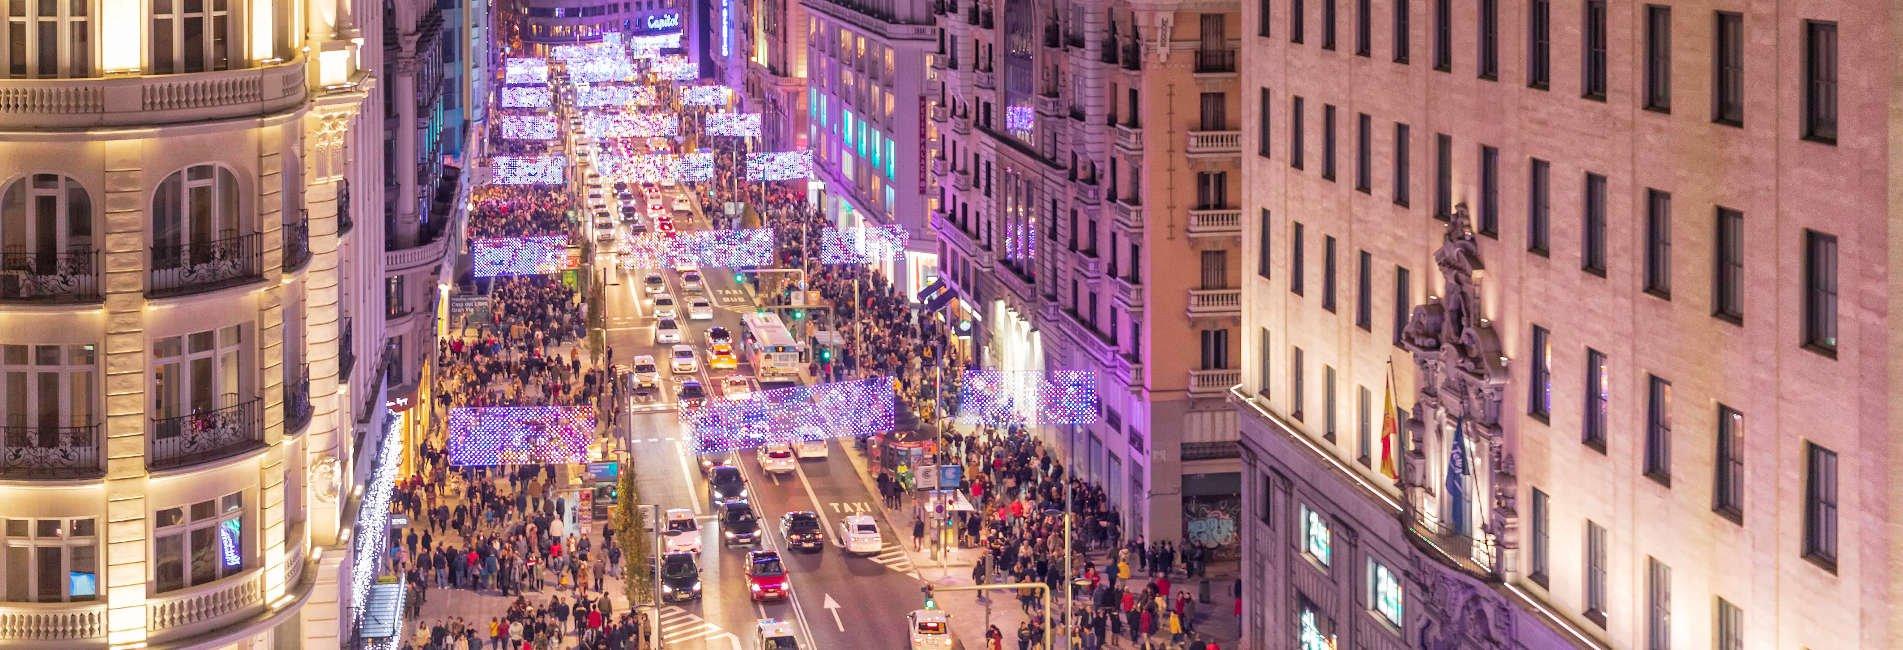 Luces de Navidad Madrid 2018-2019. Calle Gran Vía.